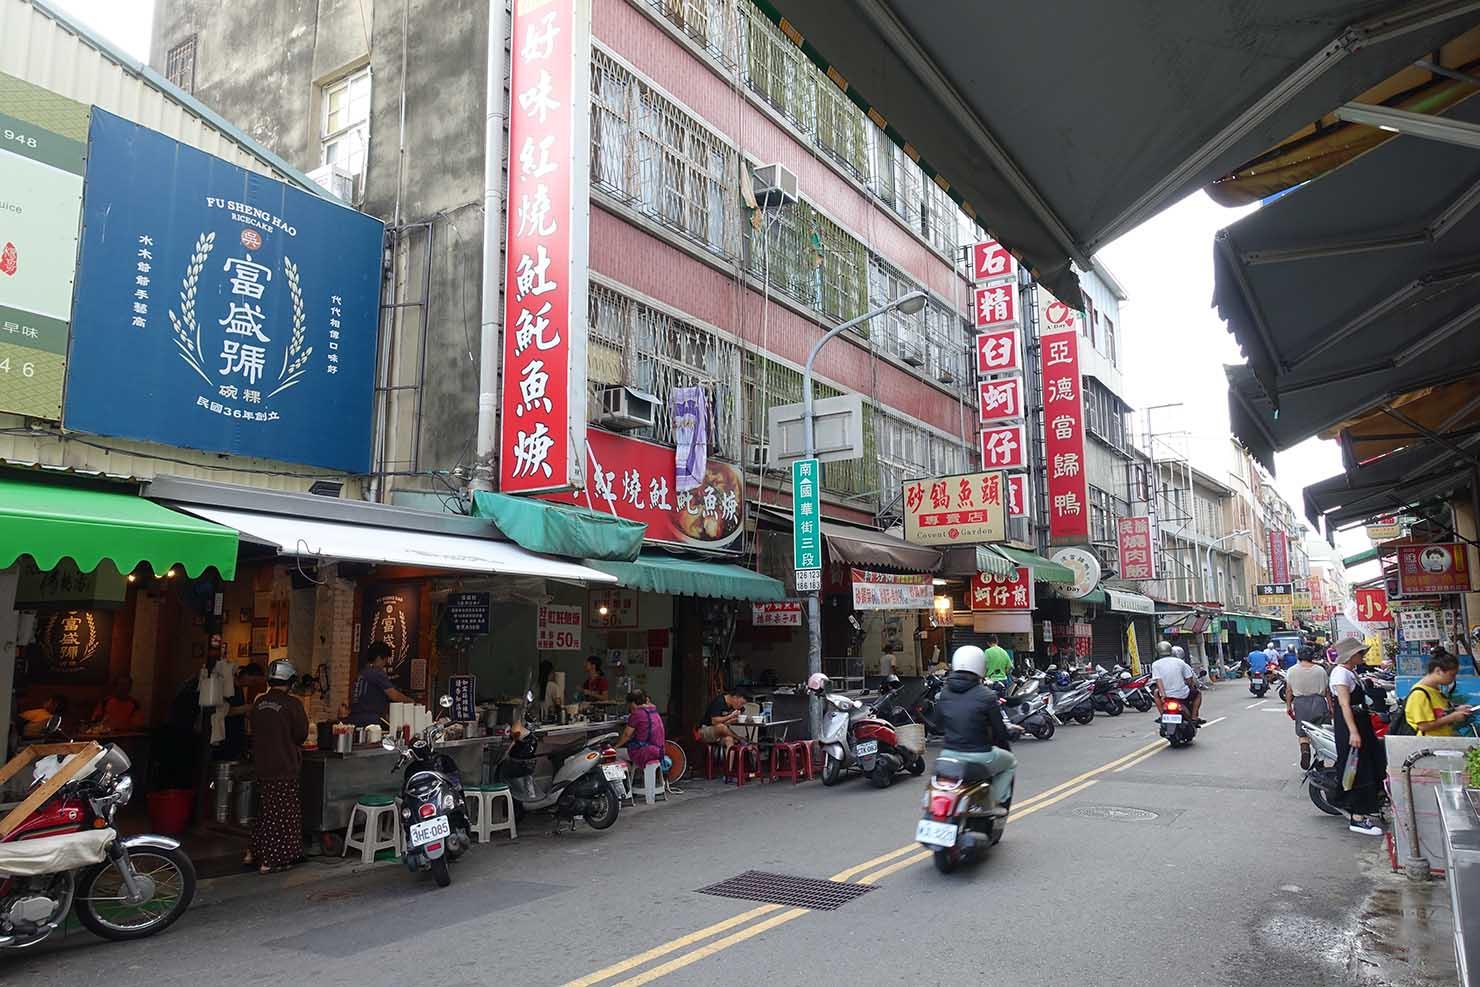 台湾の古都・台南のおすすめグルメスポット「國華街」